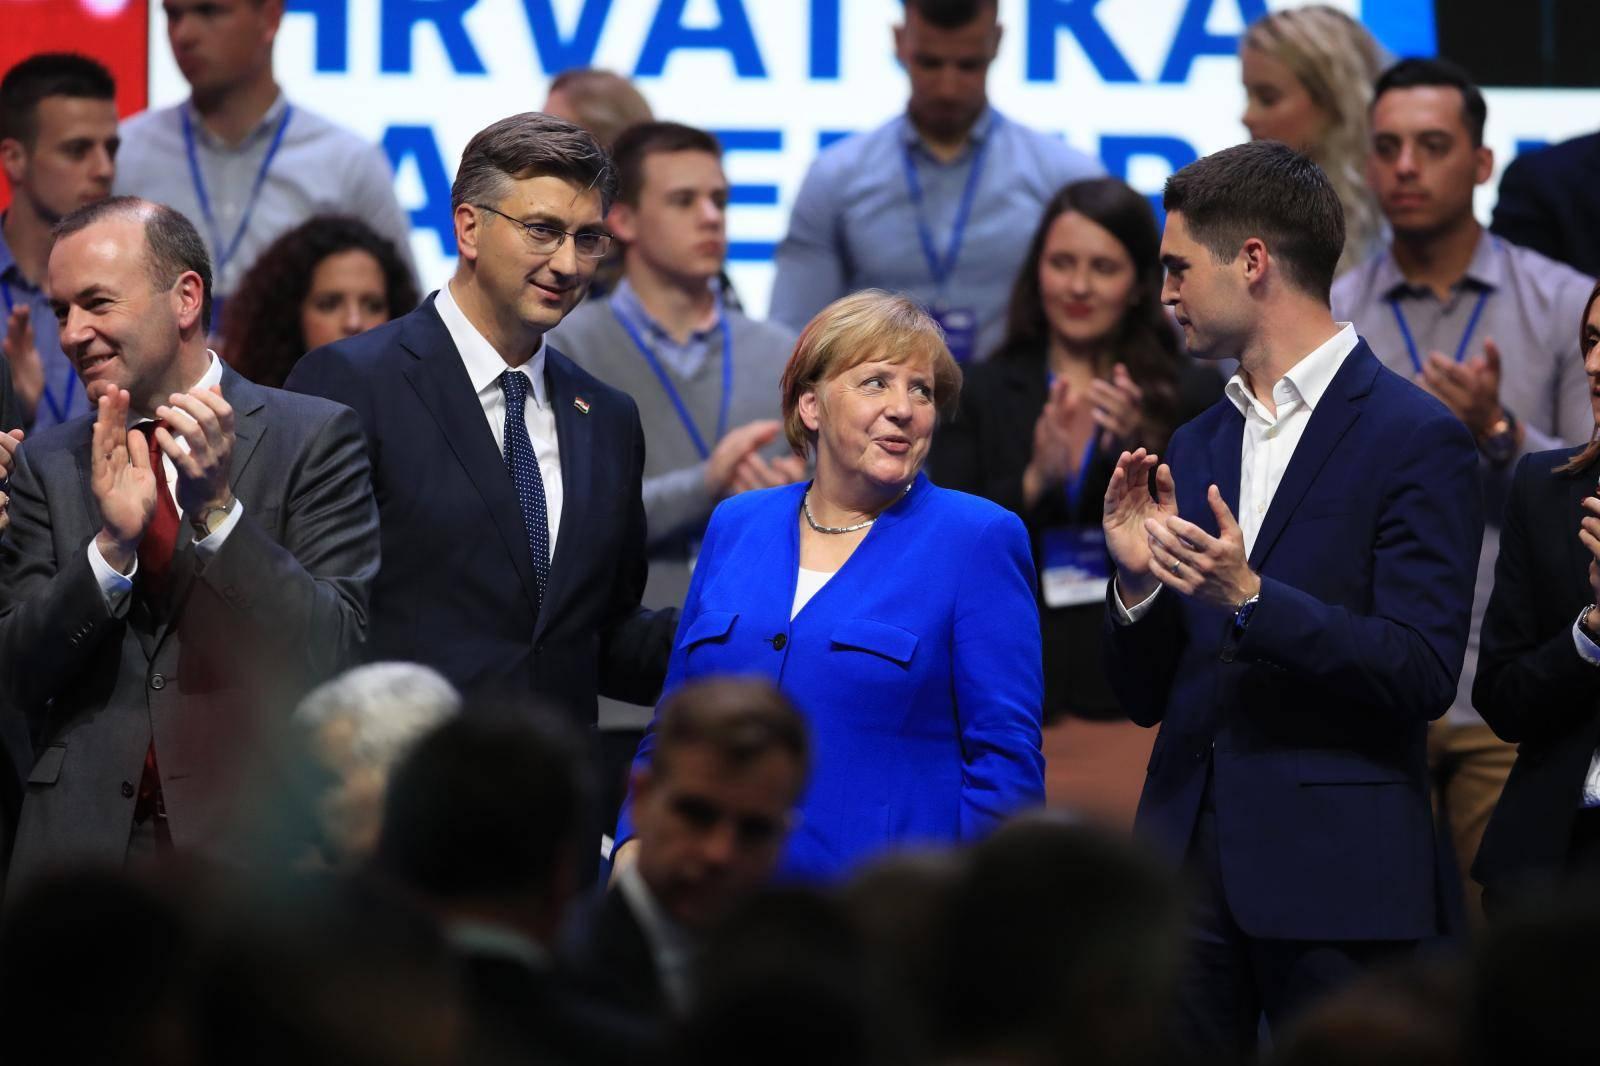 'Merkel nije znala da će svirati Thompson na skupu HDZ-a...'